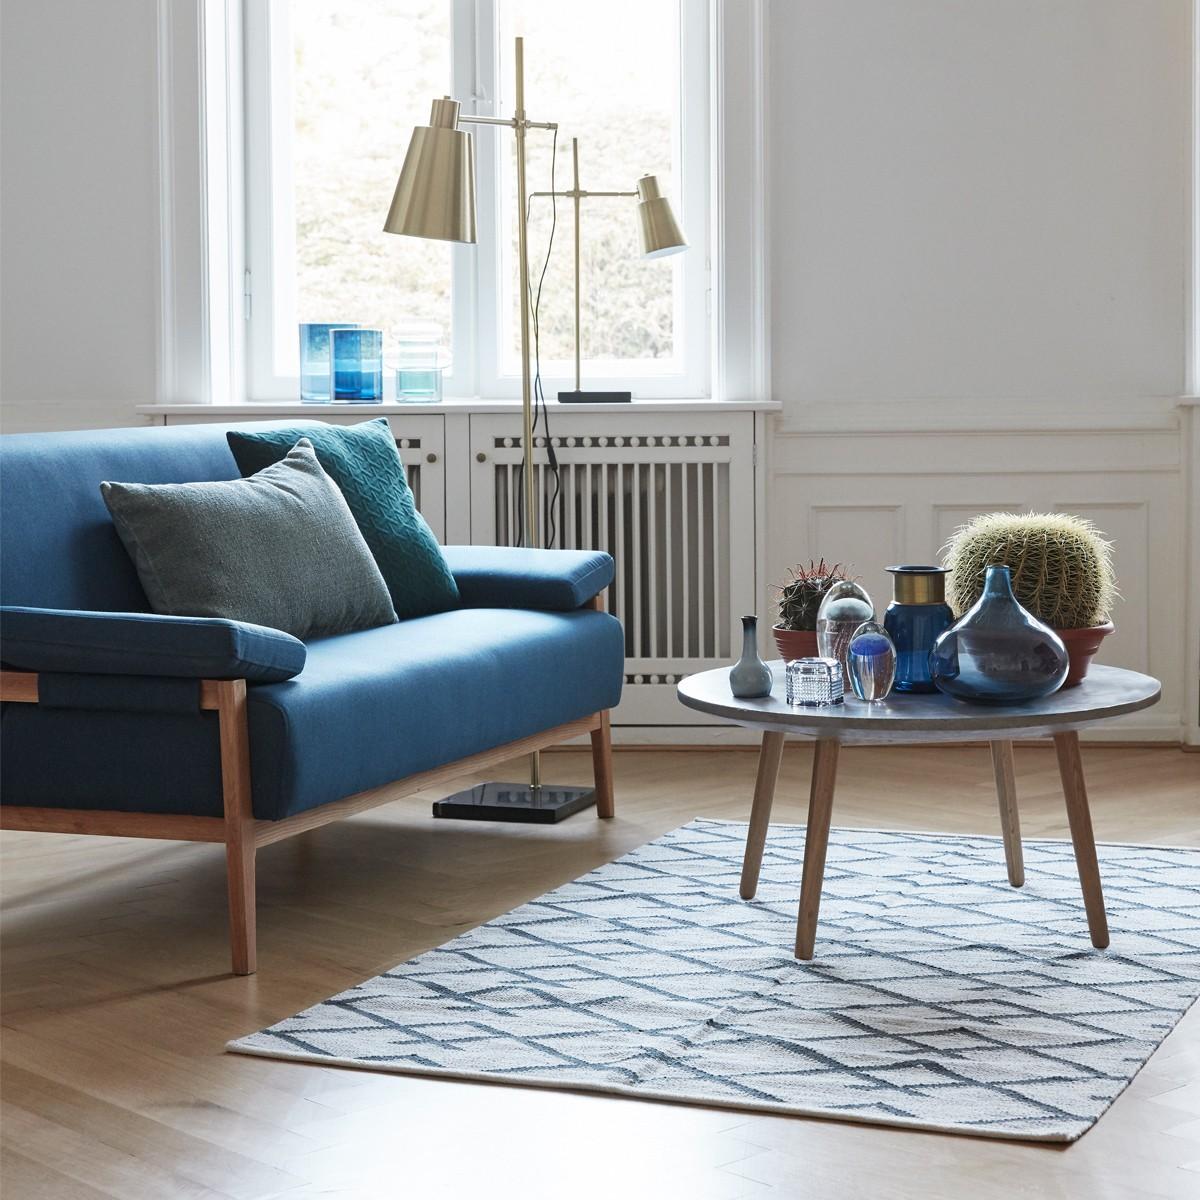 Синий диван в стиле ретро